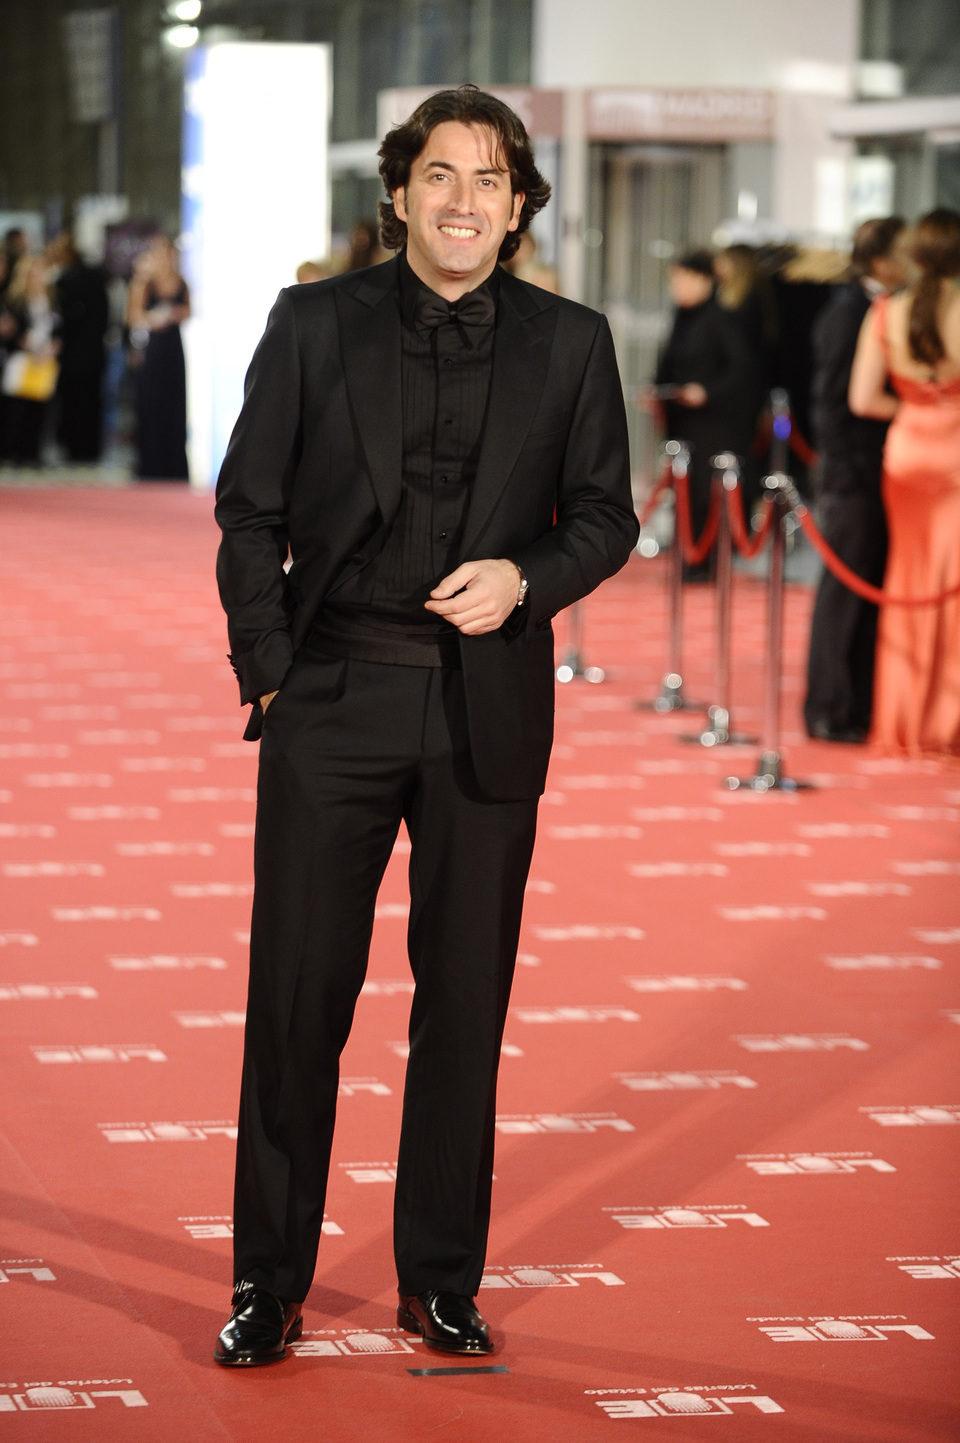 Antonio Garrido en los premios Goya 2012